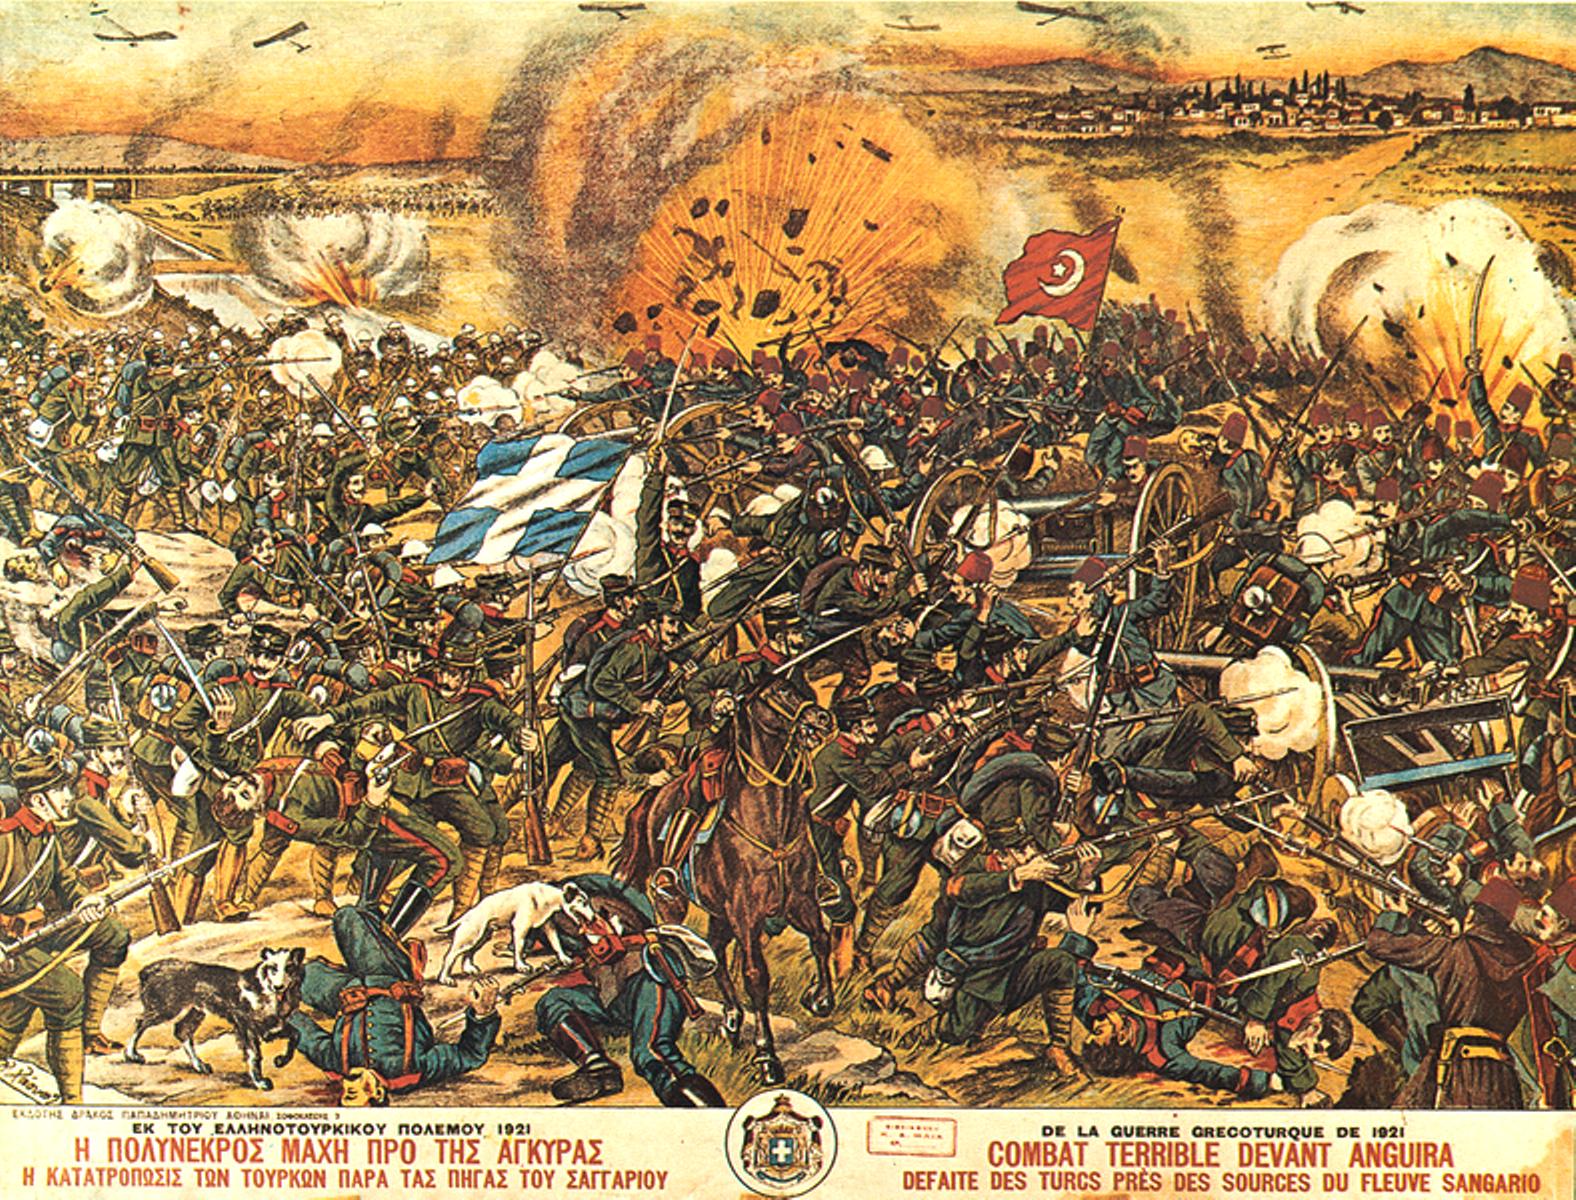 Λαϊκὴ εἰκόνα ποὺ ἀπεικονίζει τὴν μάχη τοῦ Σαγγαρίου